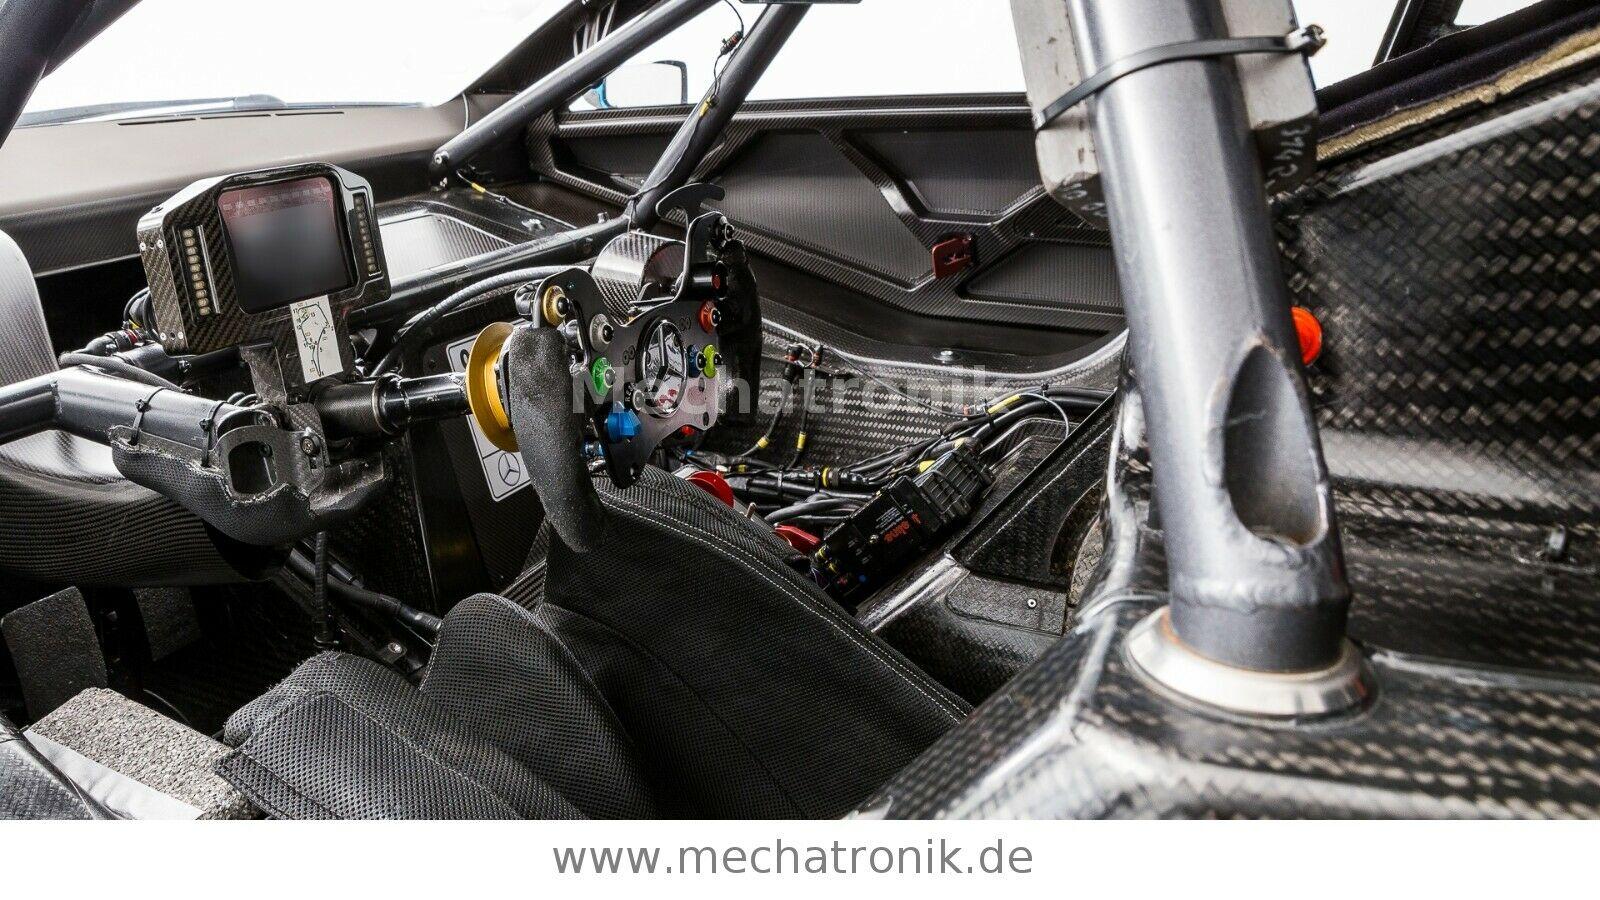 Mercedes-AMG C63 DTM interior